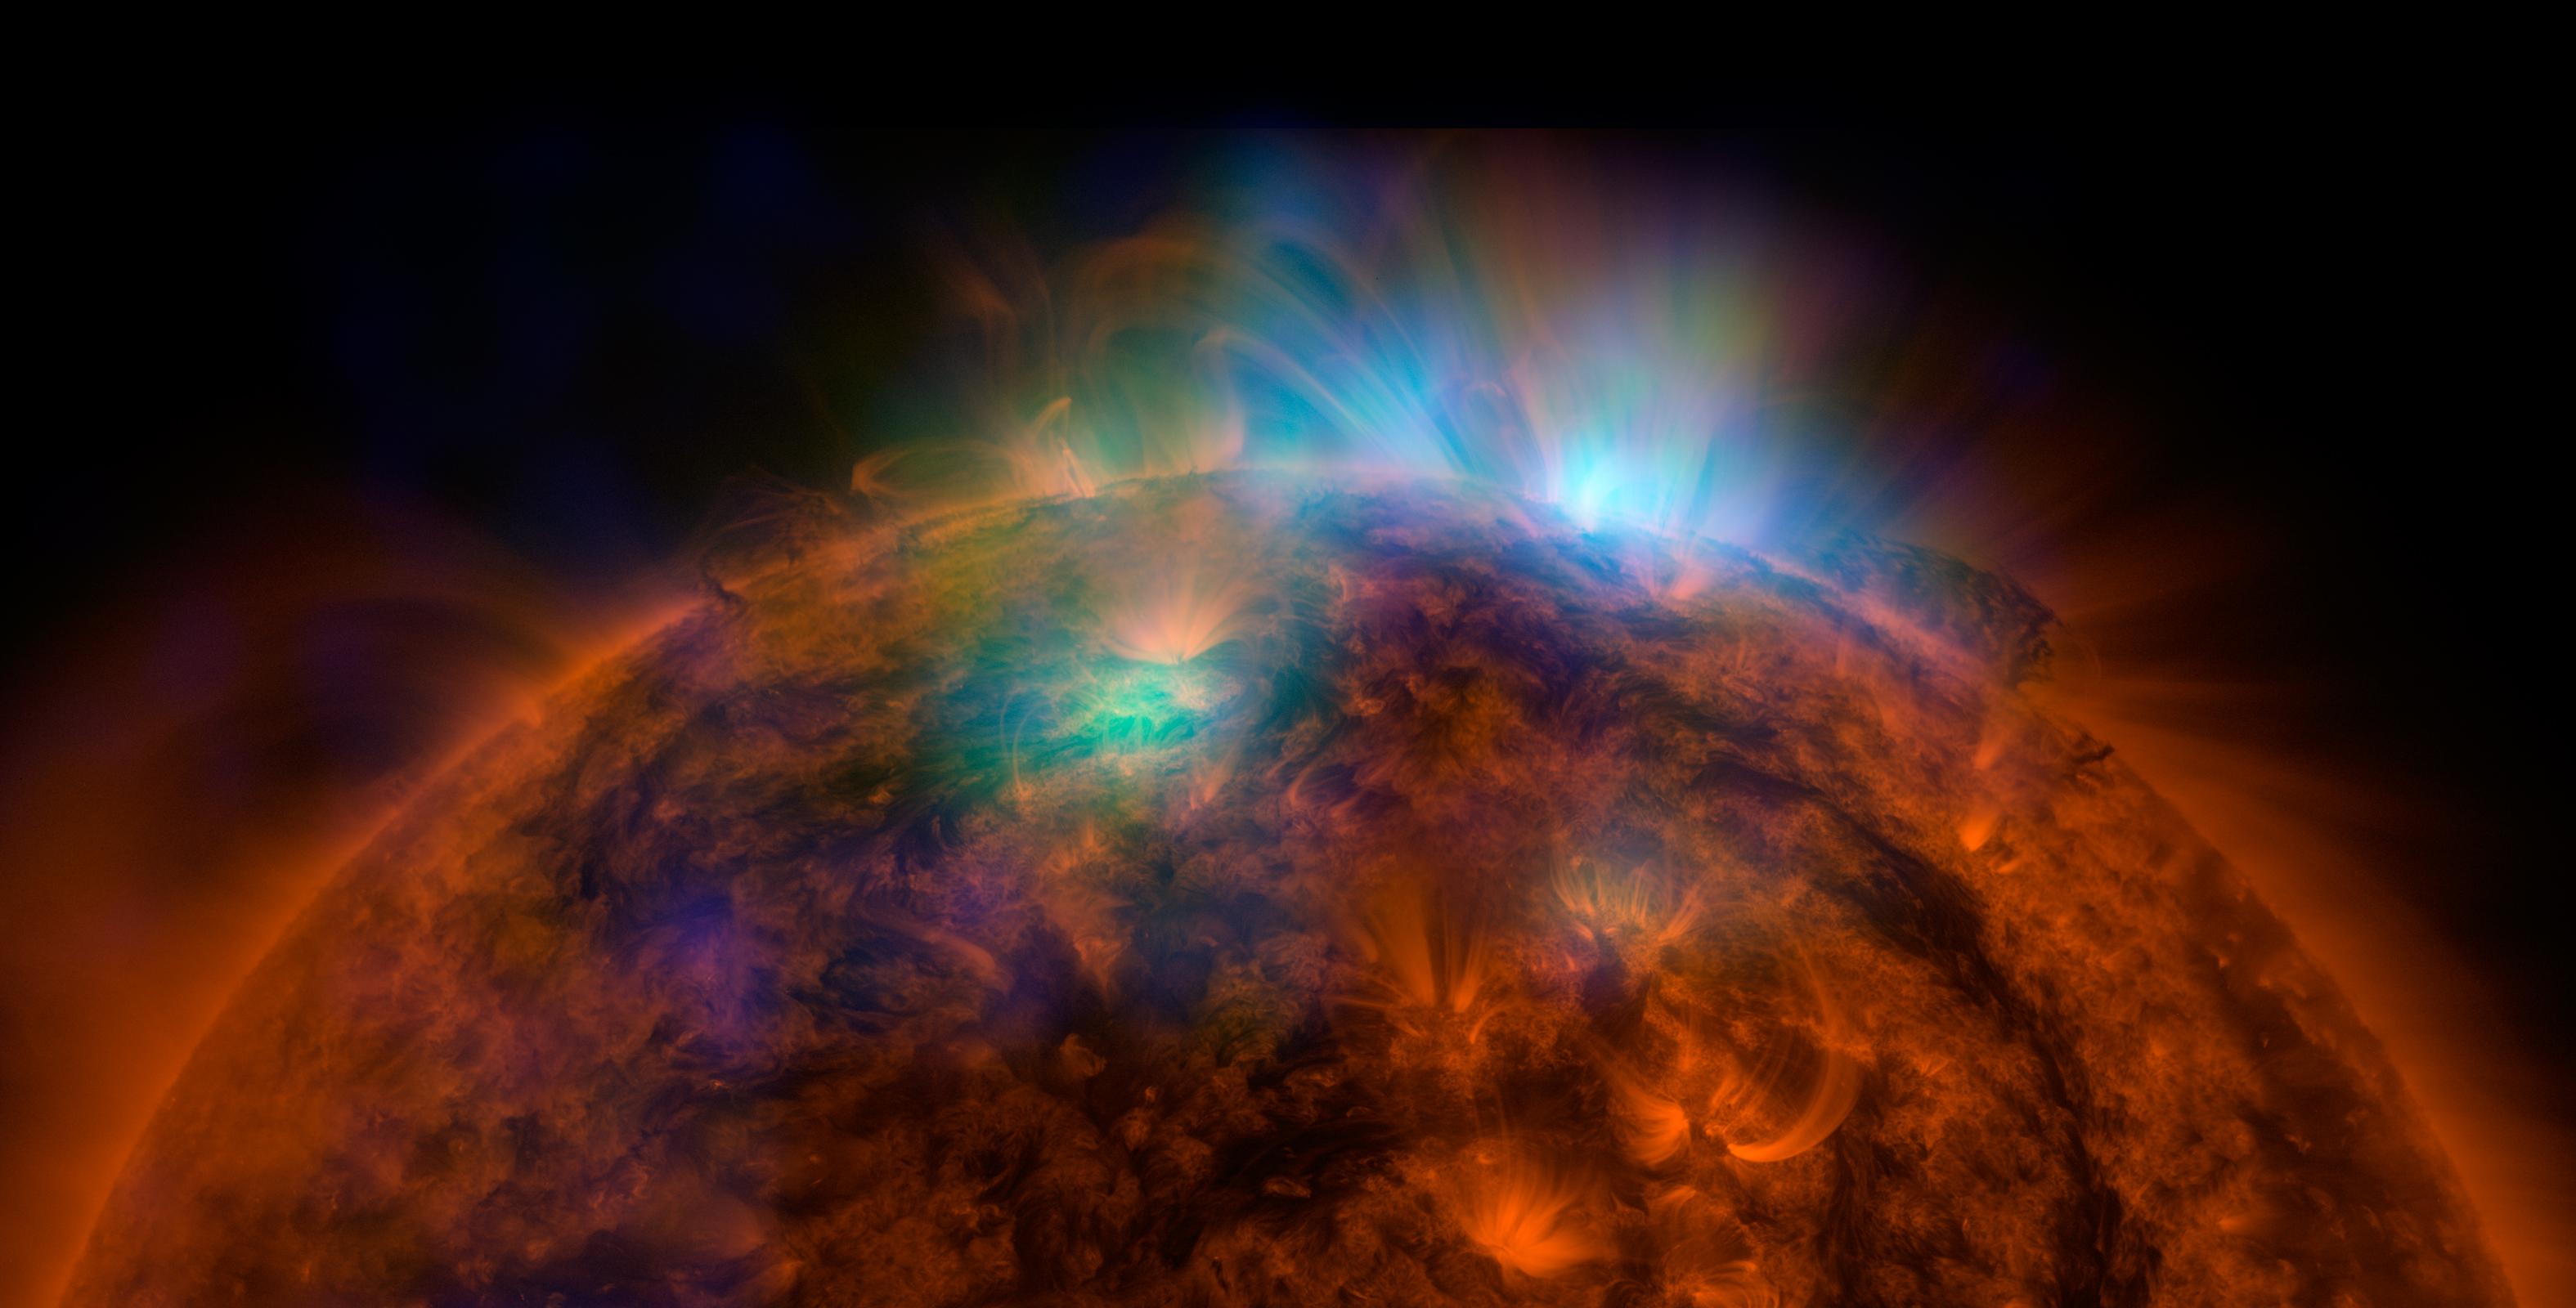 Premi re image du soleil depuis le telescope nustar for Miroir de bragg